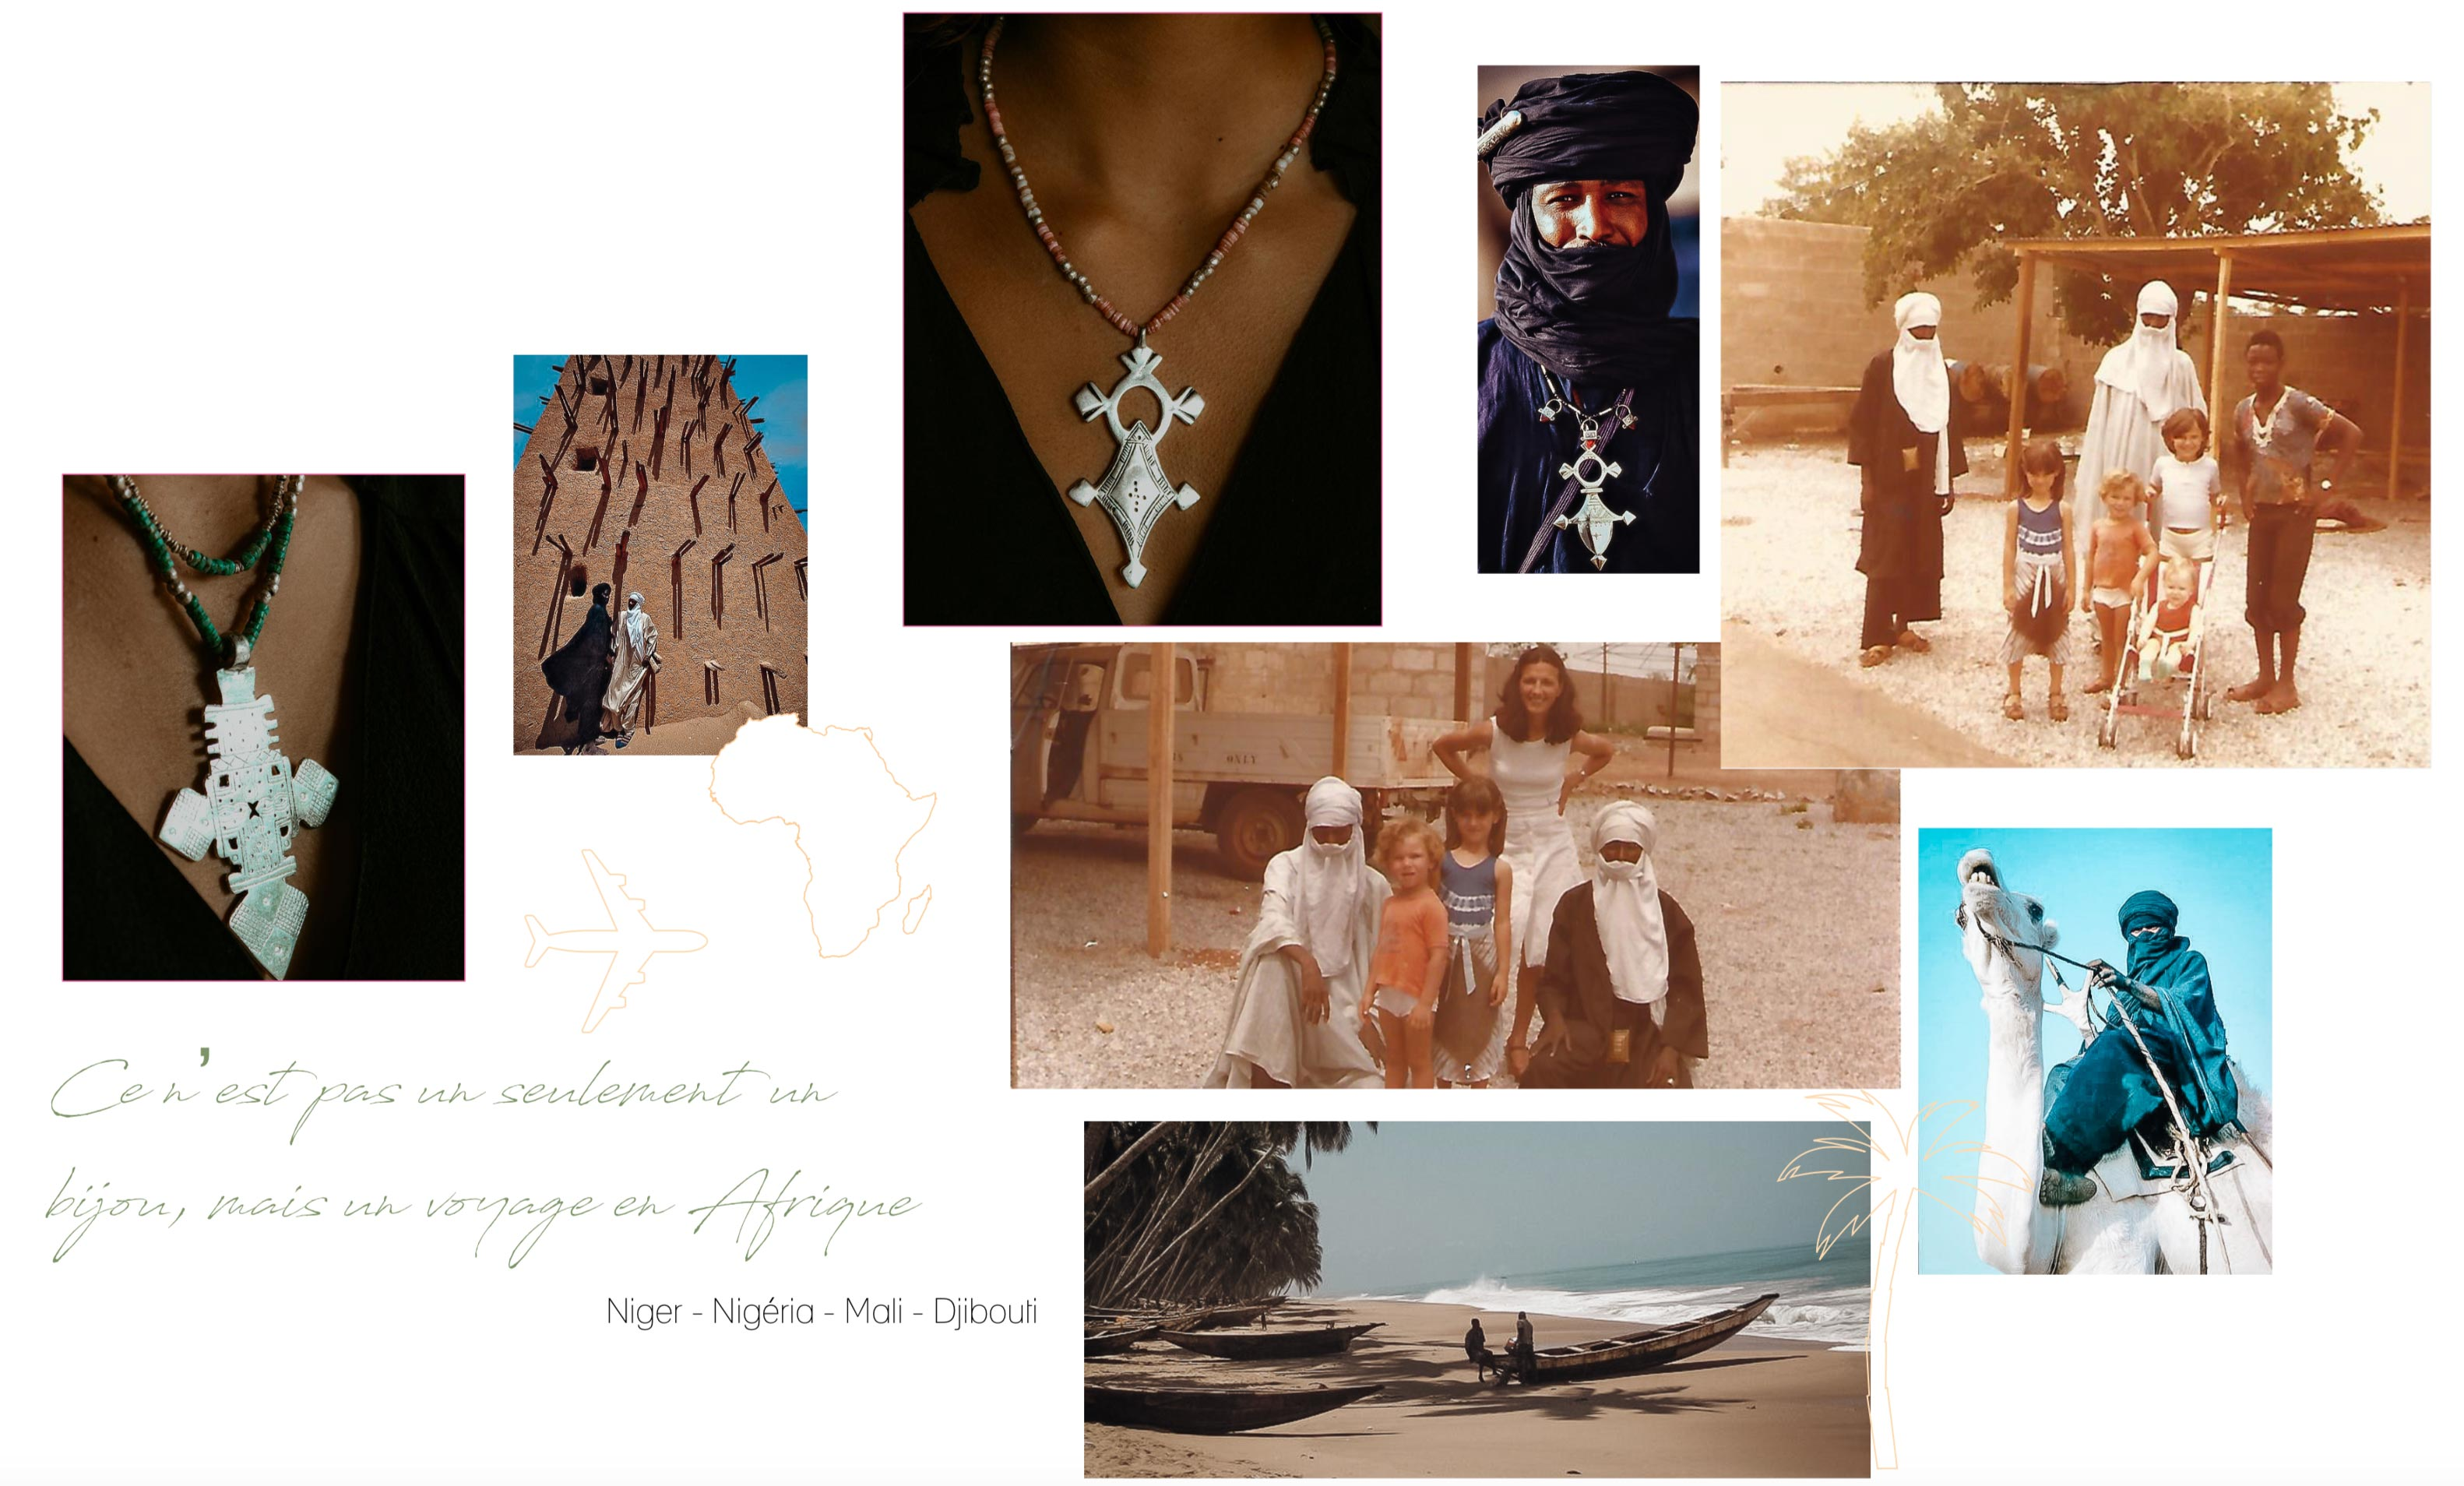 bijoux-ethnique-sathyne